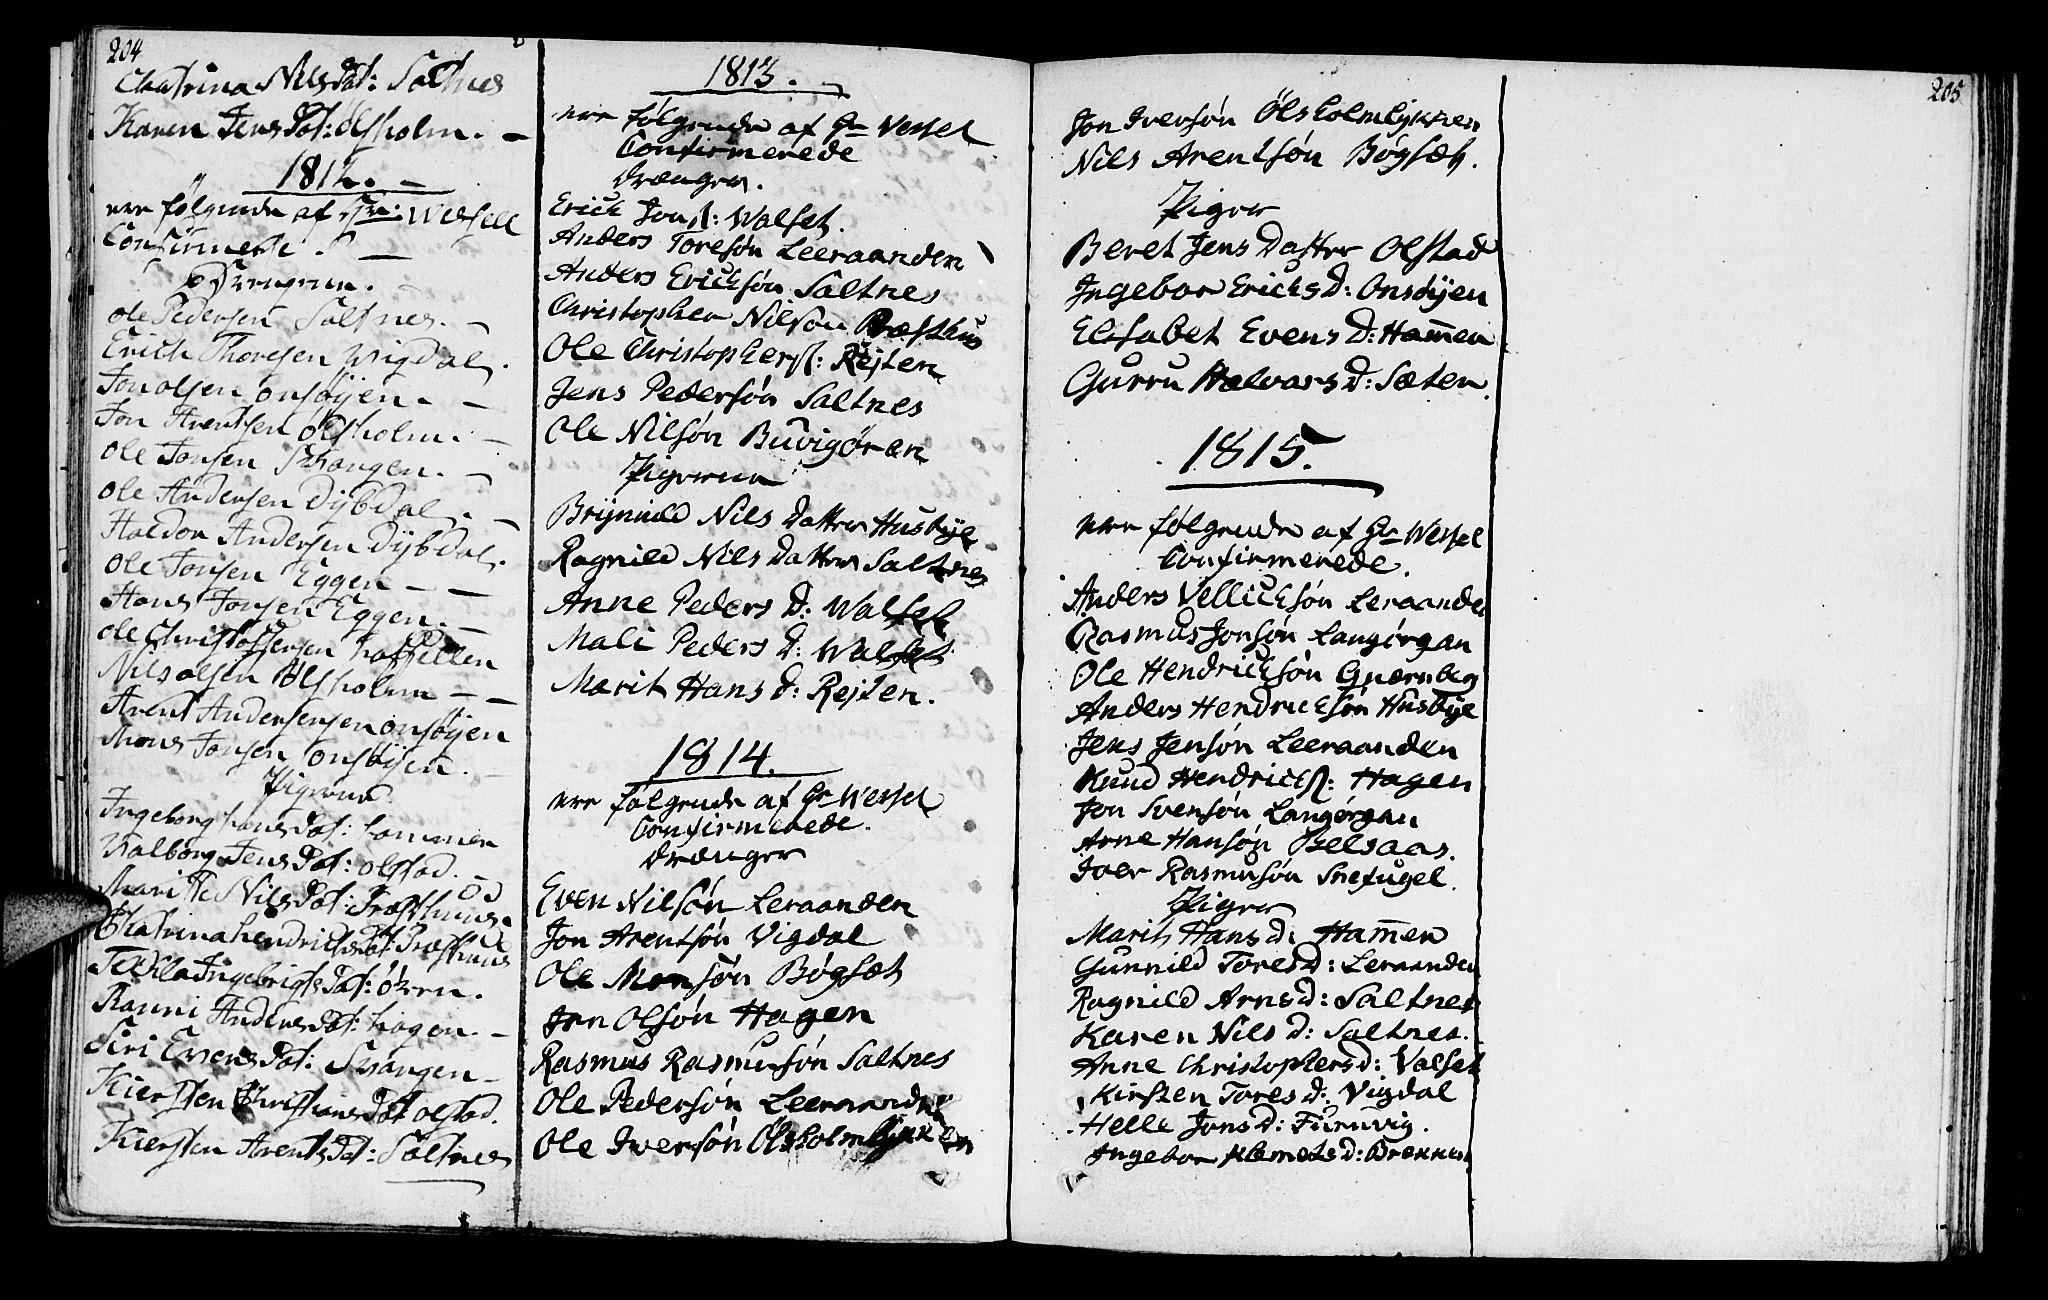 SAT, Ministerialprotokoller, klokkerbøker og fødselsregistre - Sør-Trøndelag, 666/L0785: Ministerialbok nr. 666A03, 1803-1816, s. 204-205